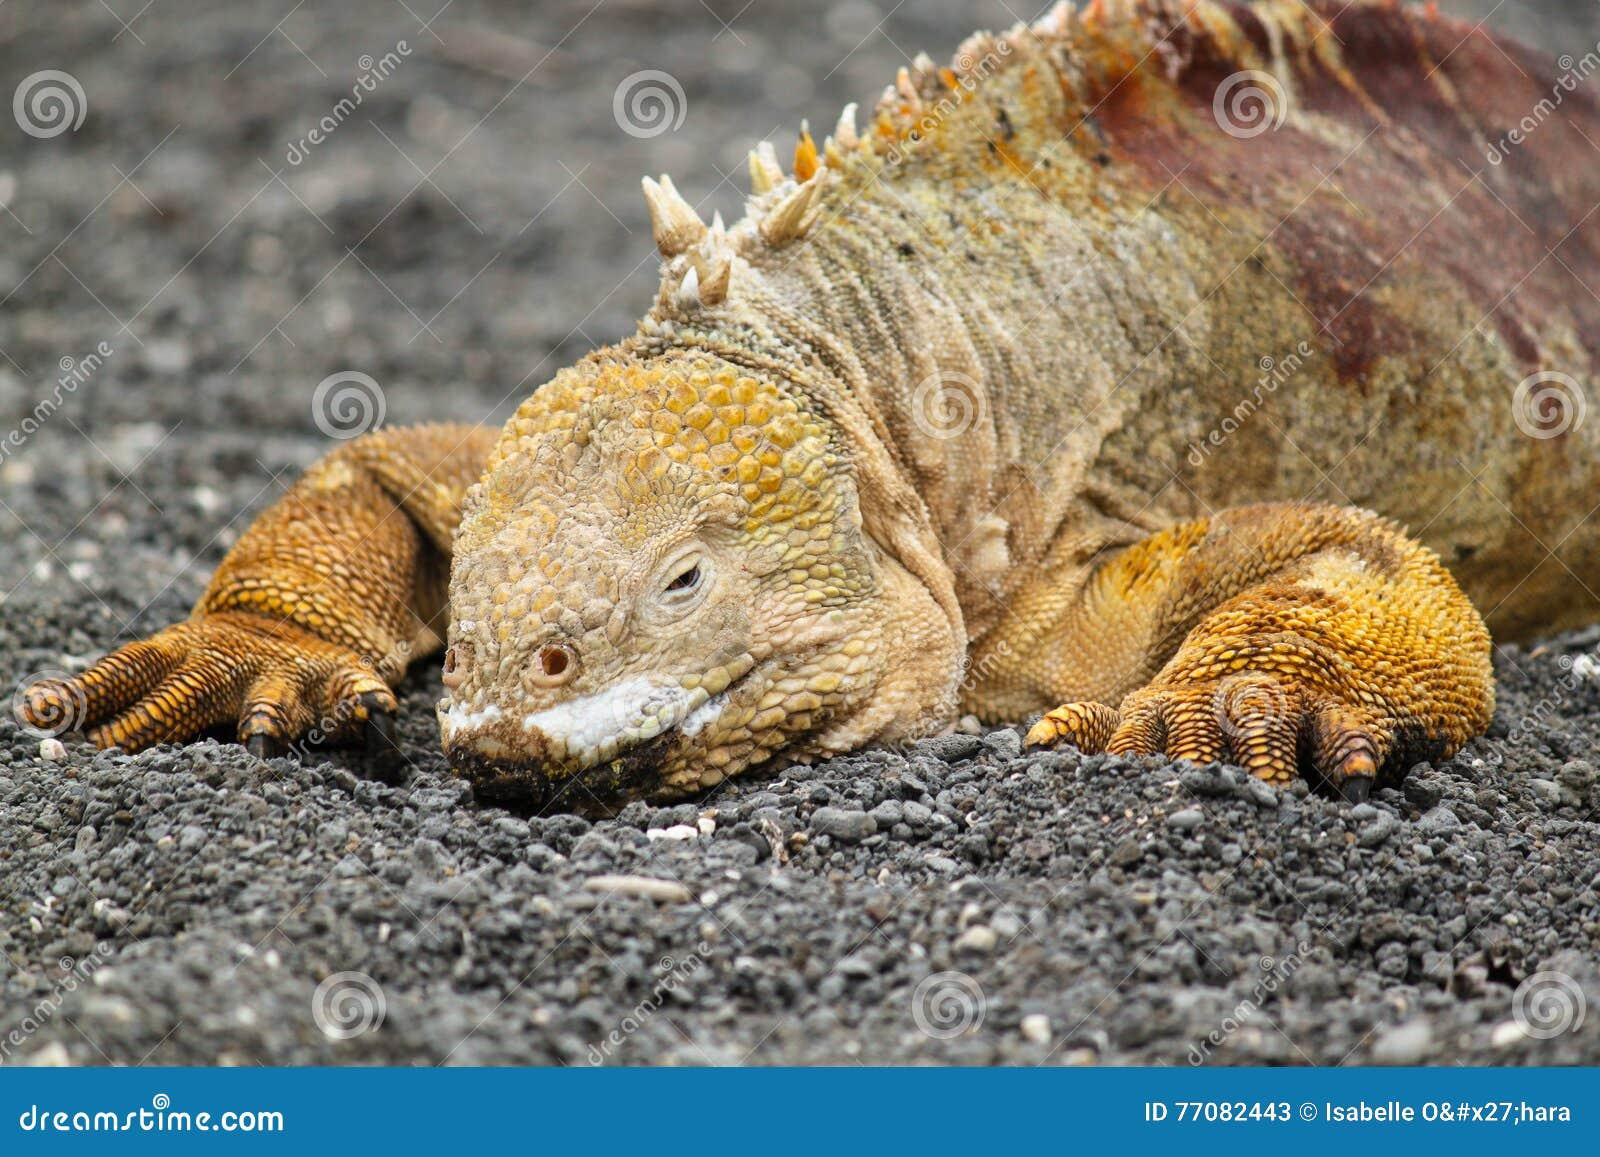 Ritratto dell iguana terrestre delle Galapagos, subcristatus di Conolophus